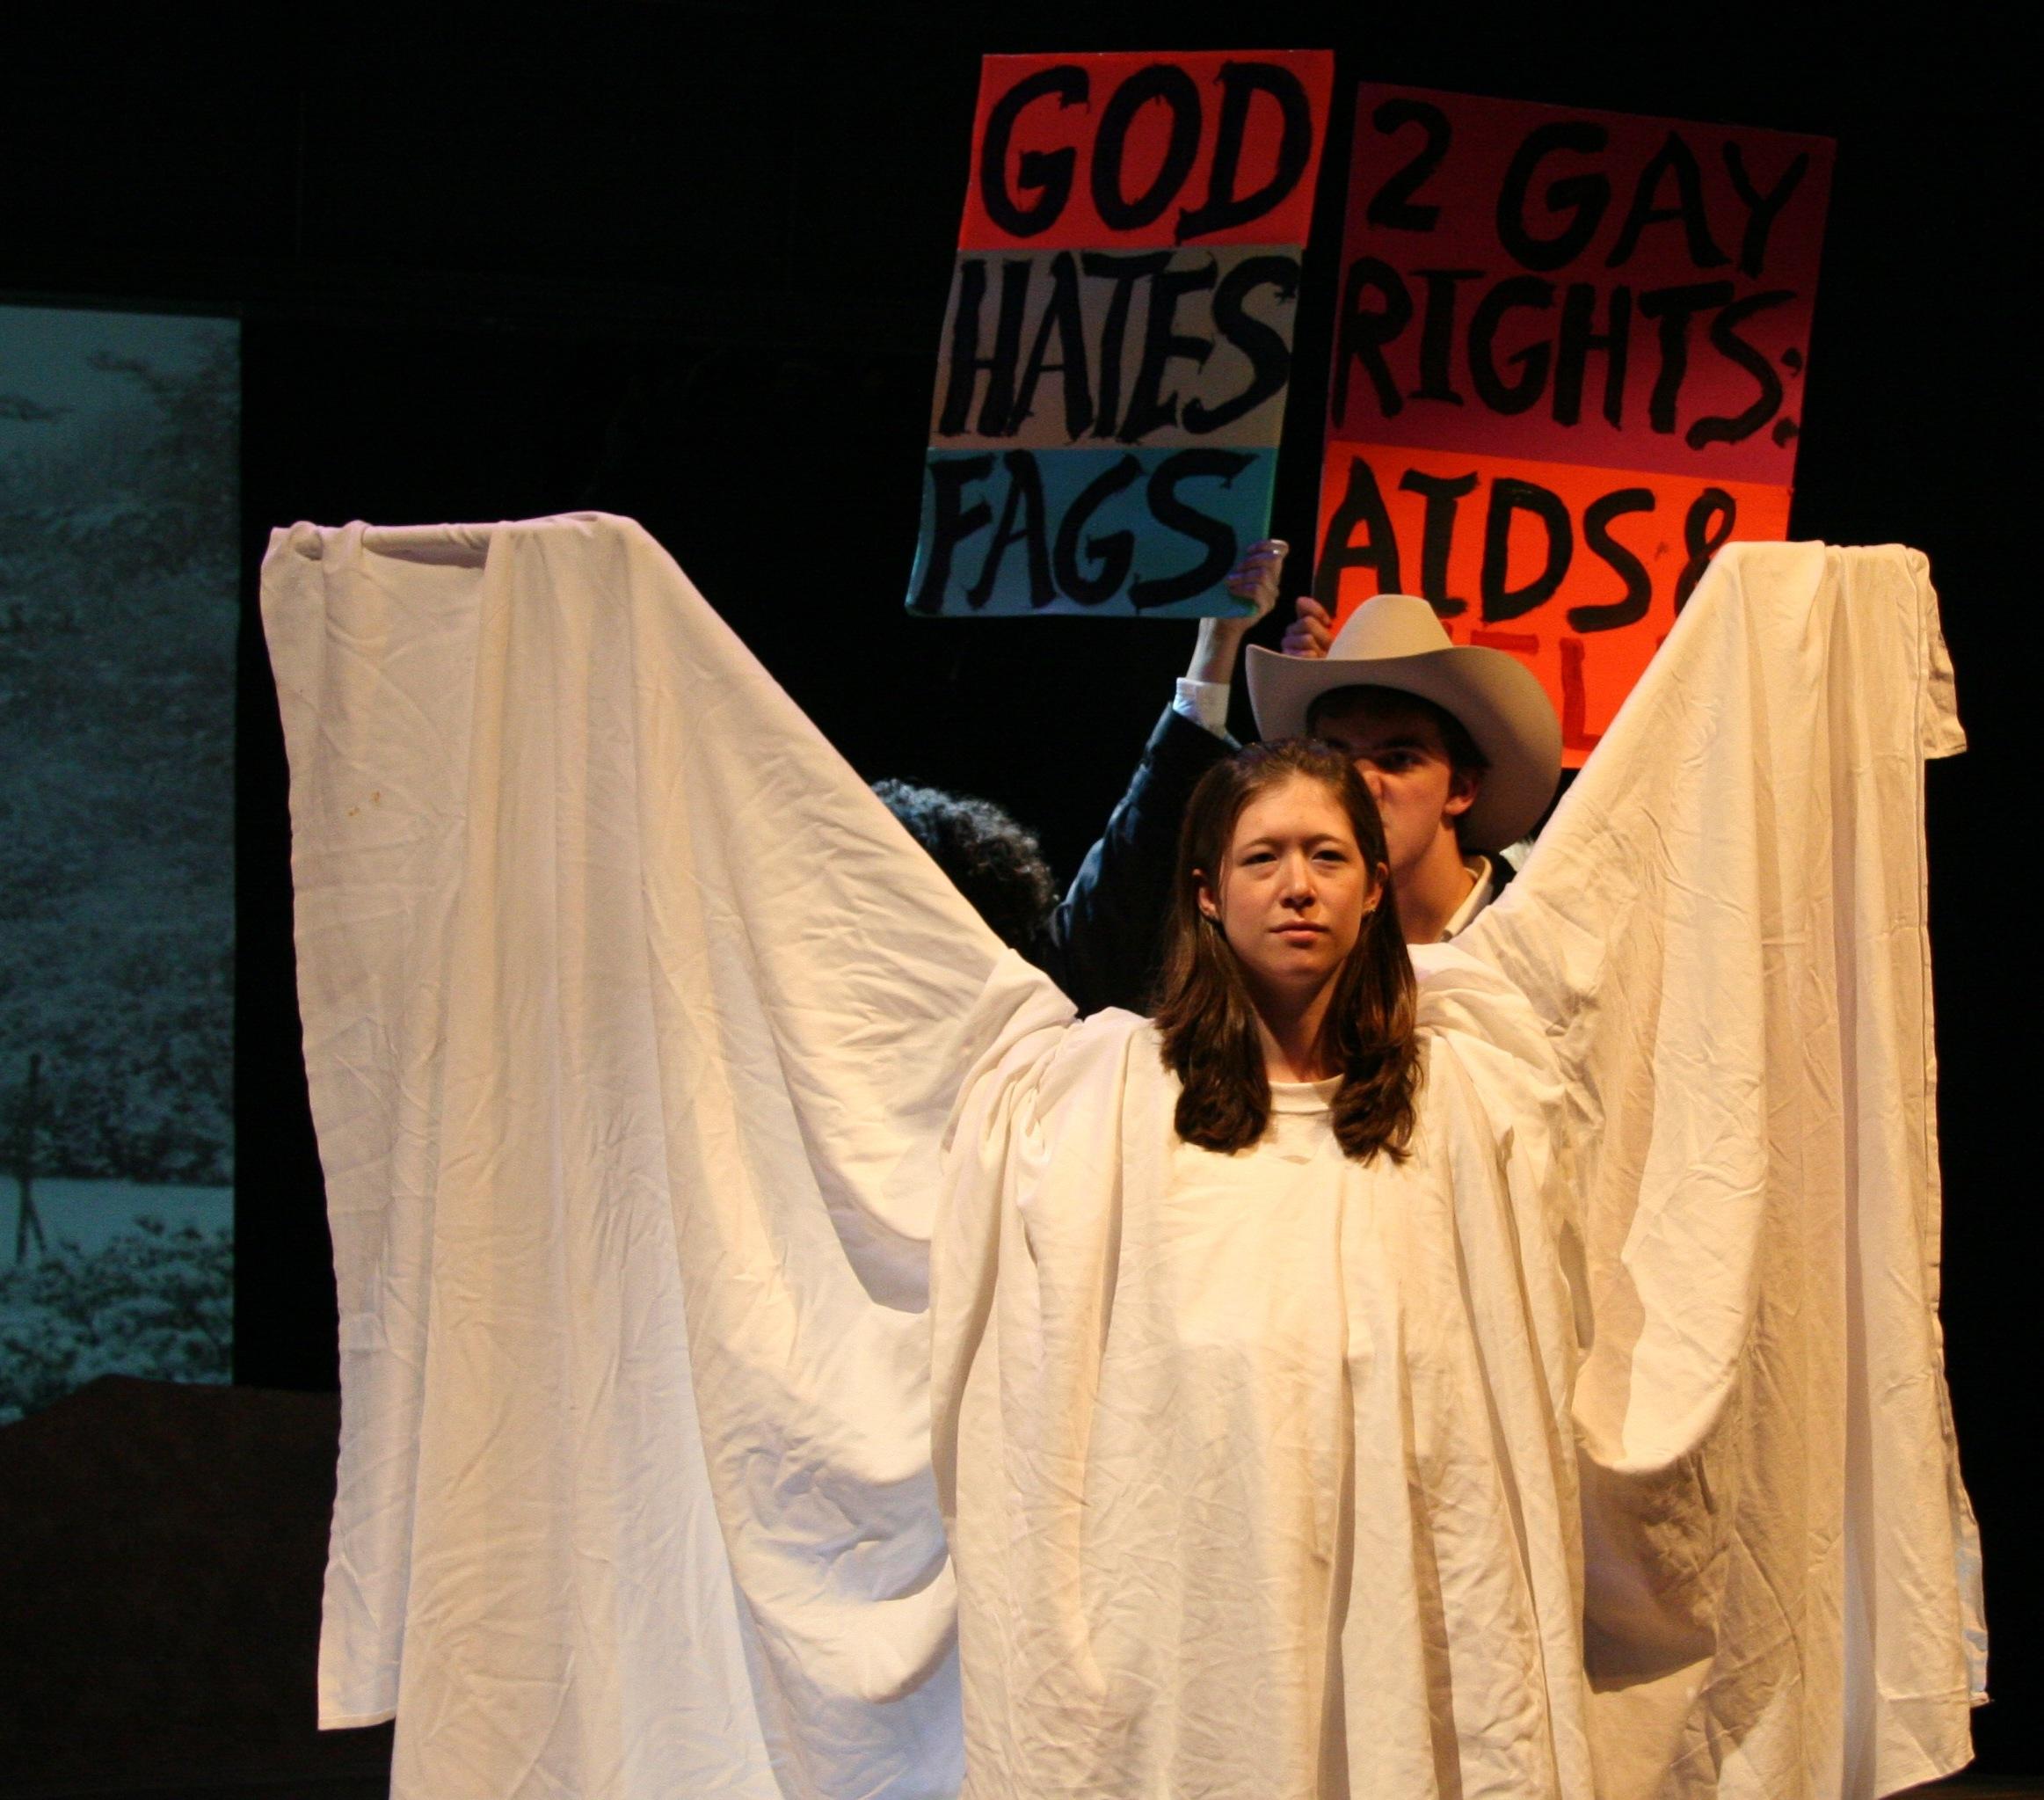 """Scena iz performansa nazvanog The Laramie Project, koja prikazuje """"anđeosku akciju"""" blokiranja homofobnih prosvjednika (izvor: commons.wikimedia.org)."""